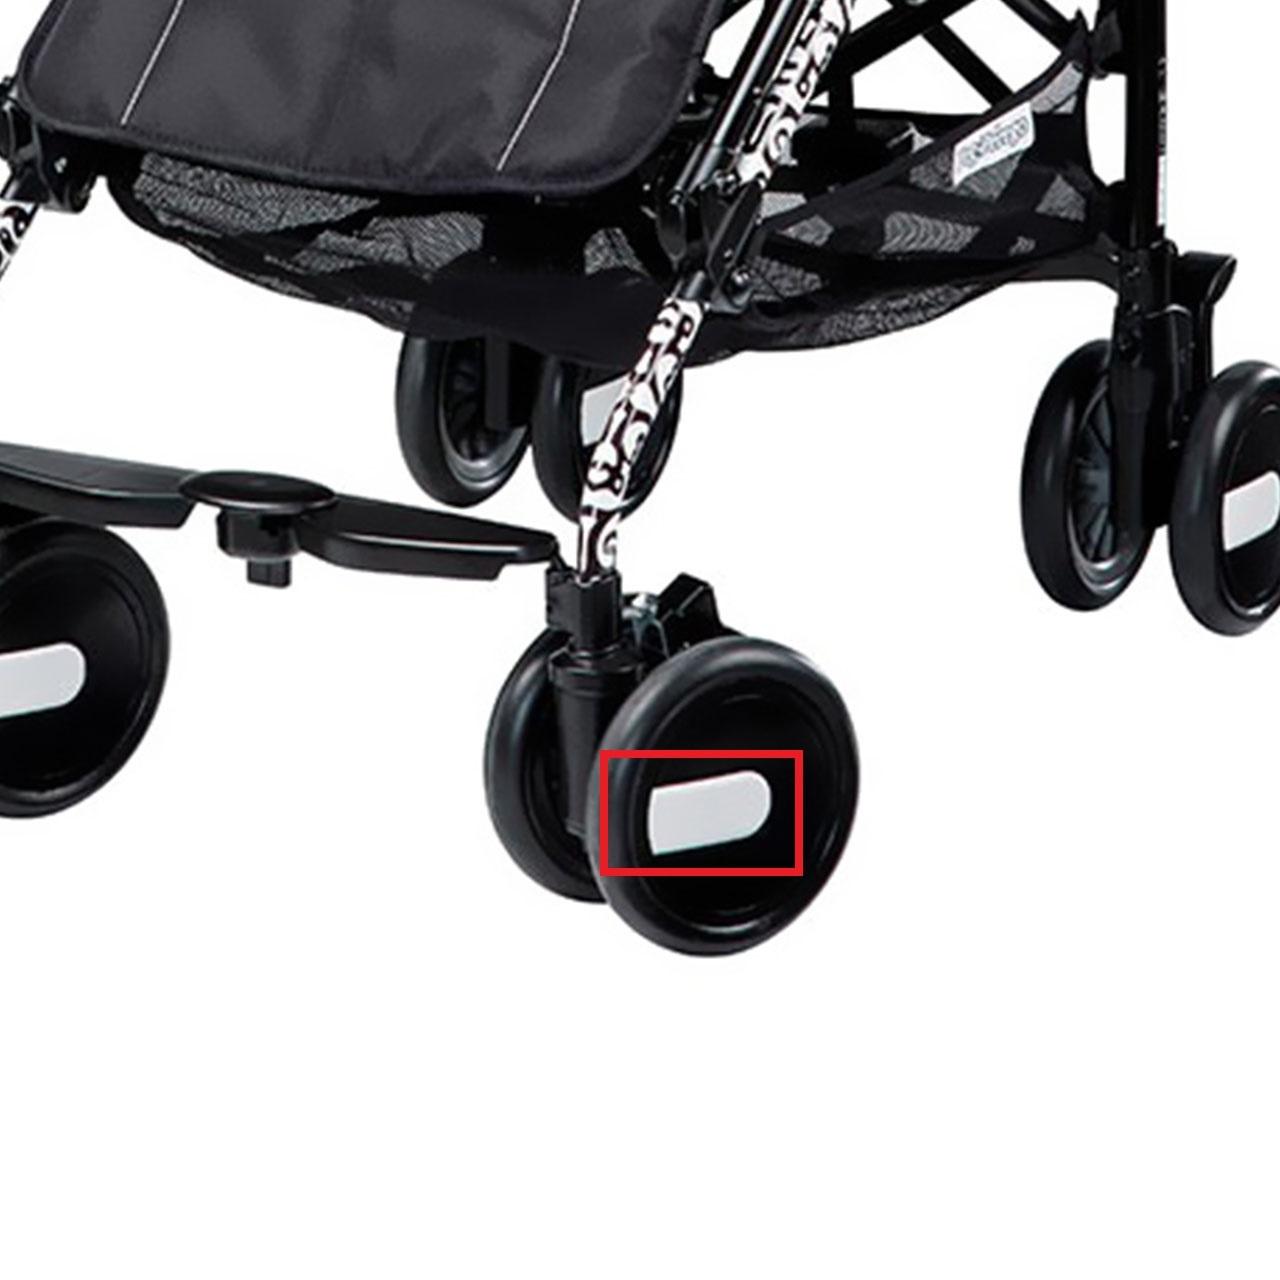 Запчасти для колясок Peg-Perego Pliko Заглушка на колесо Pliko mini заглушка_плико.jpg